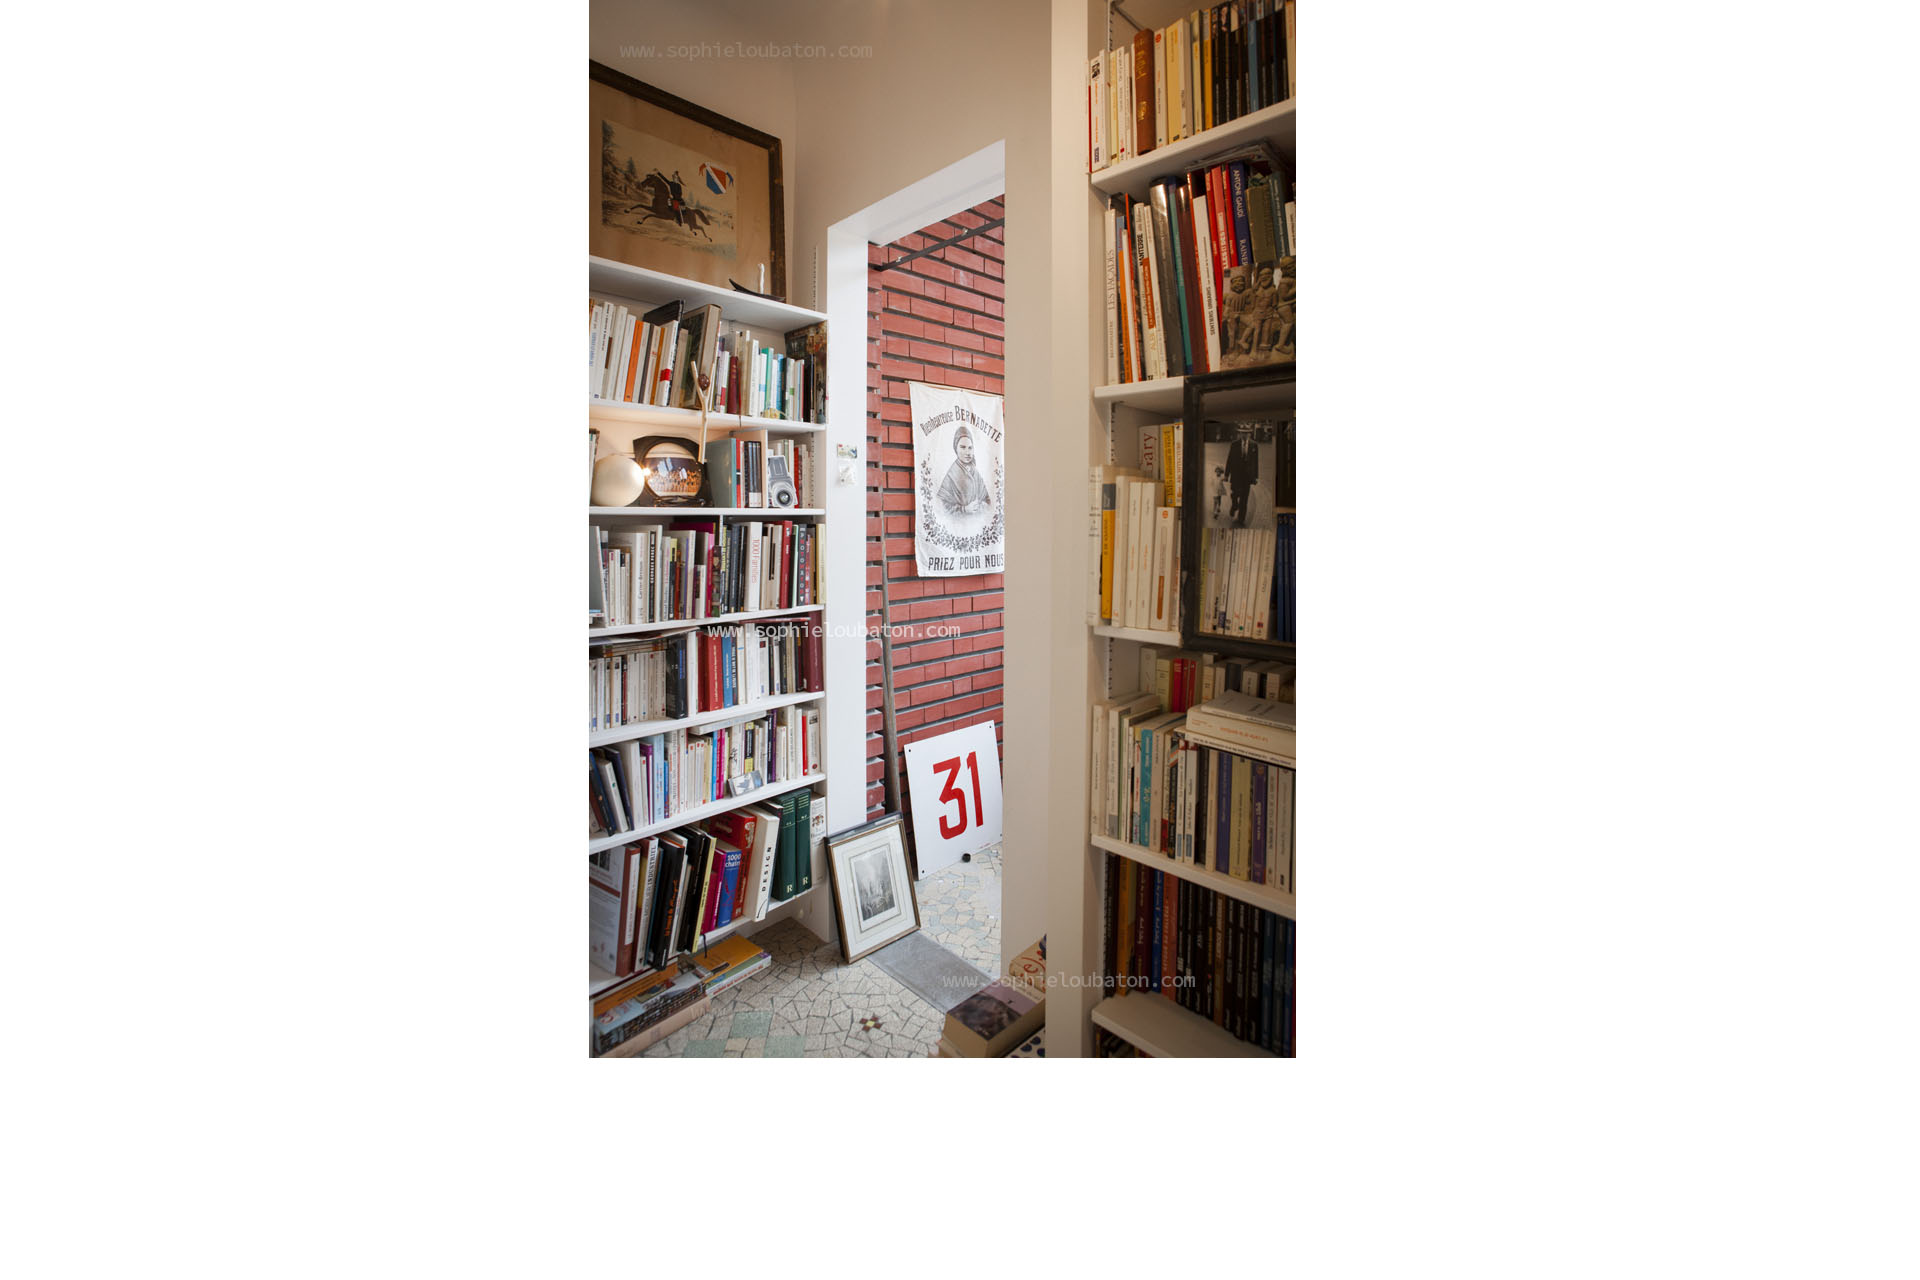 niveau 1 = accès façade sur rue. bibliothèque.